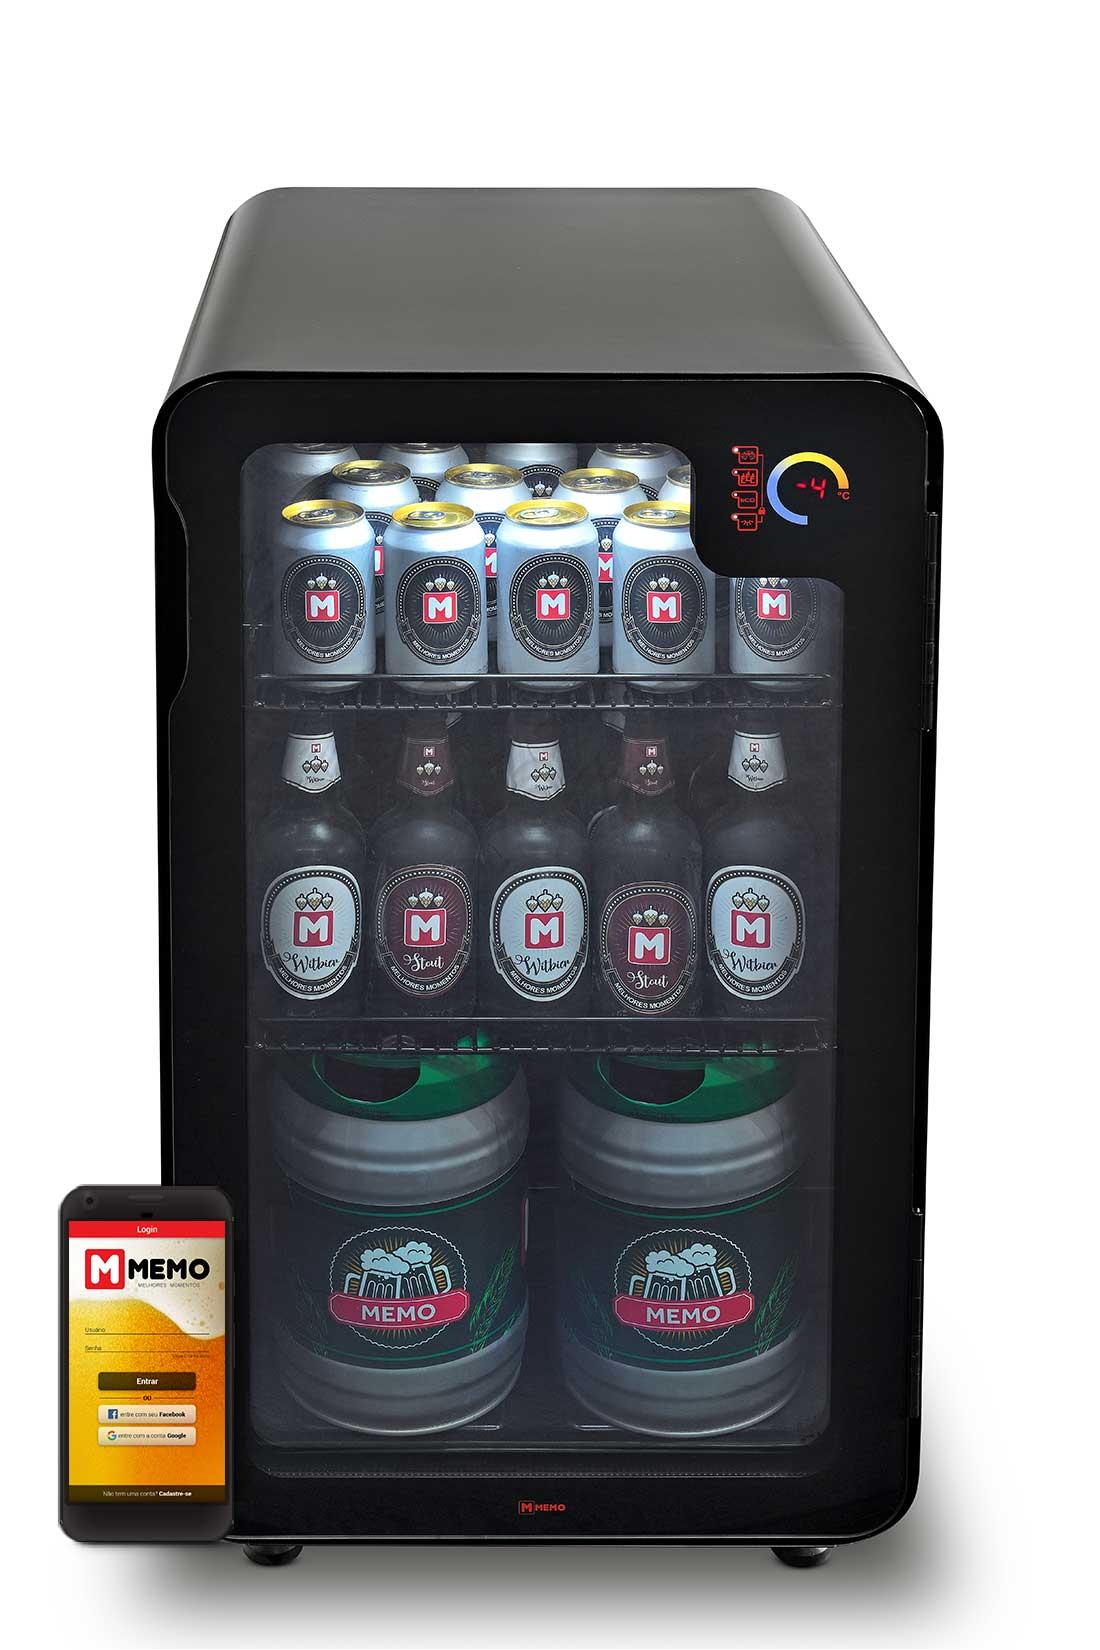 Cervejeira Memo 100 litros Frost Free Preta com Wi-fi